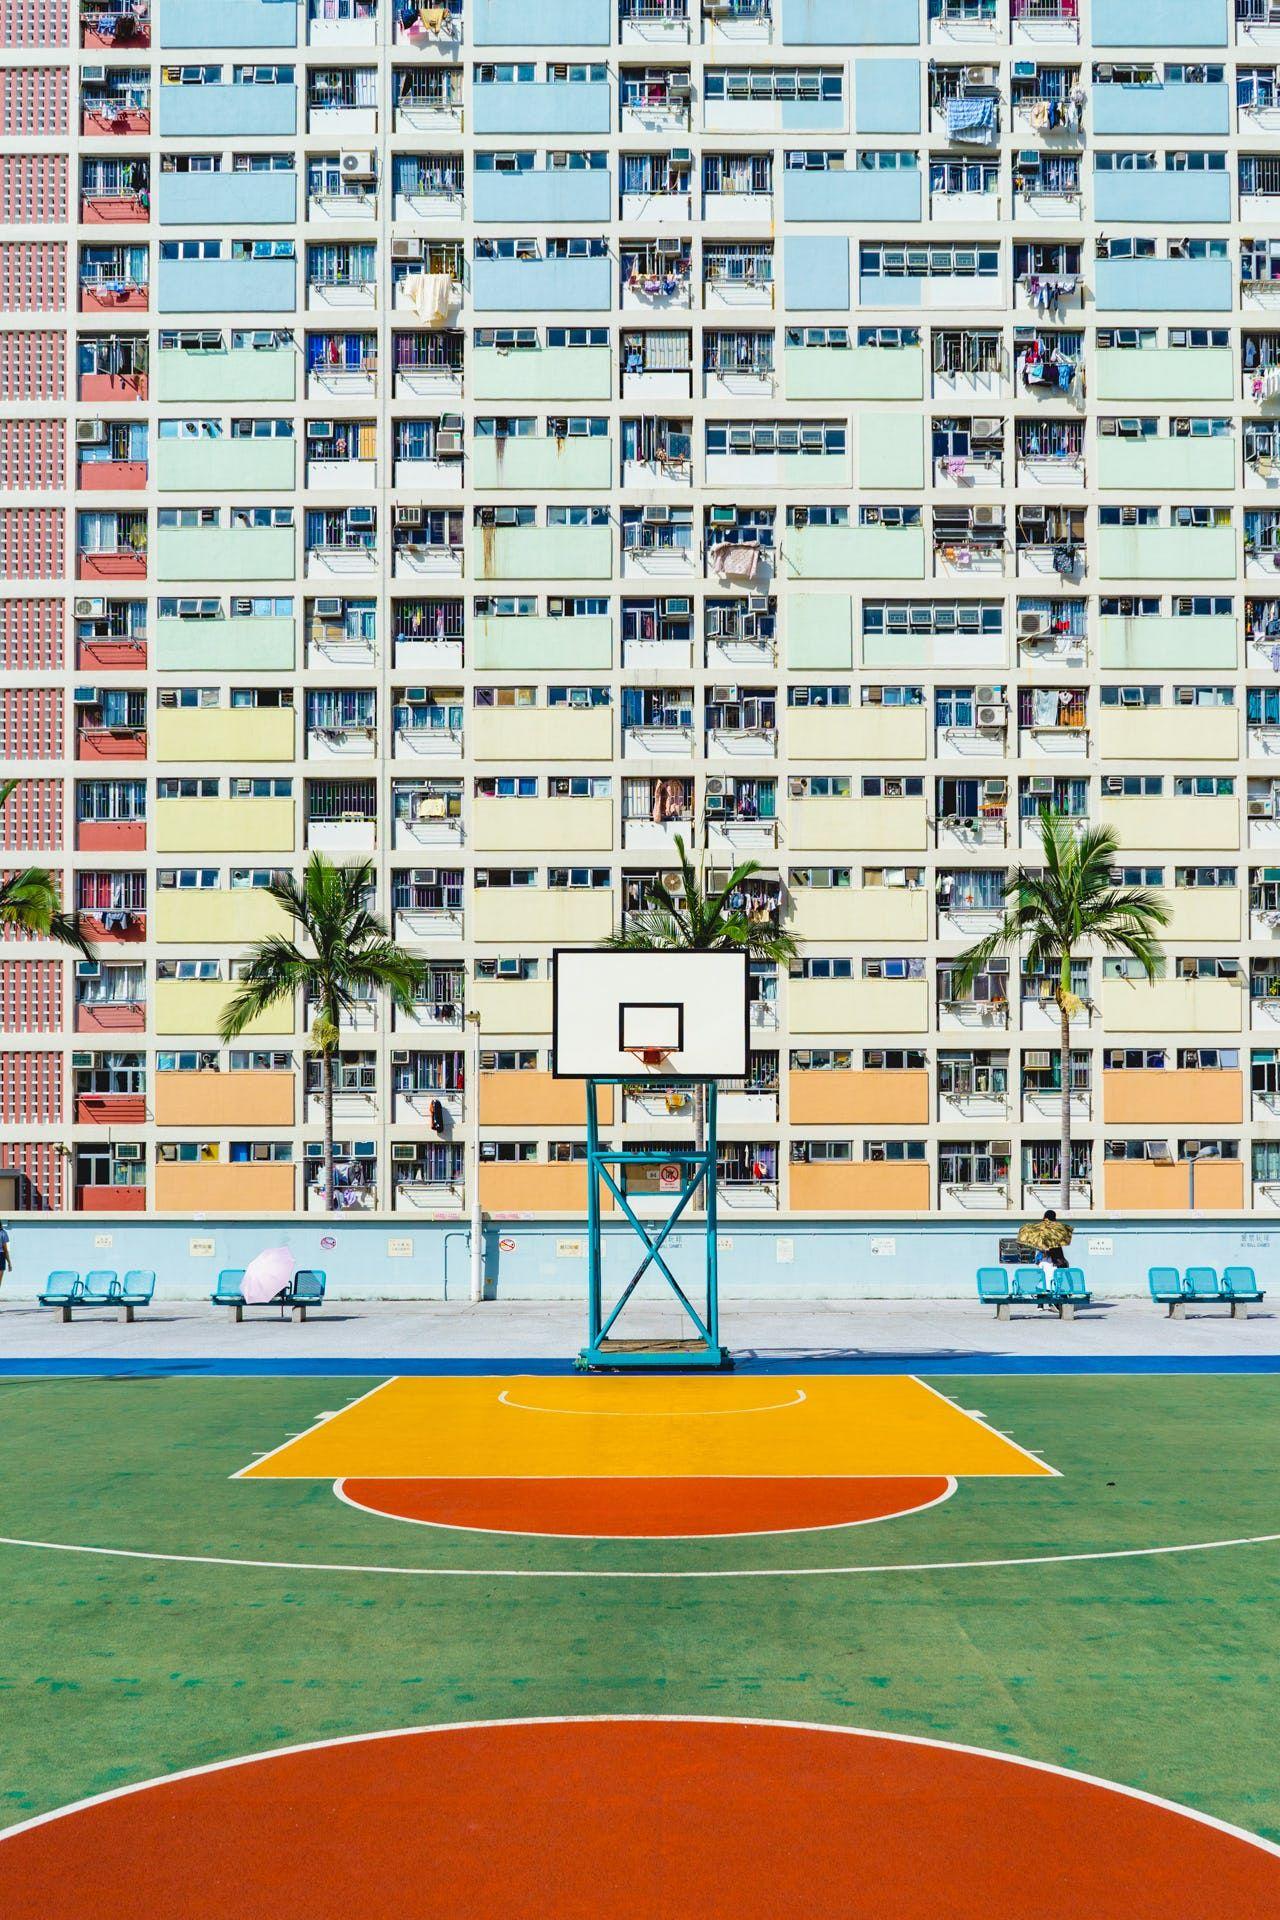 The Best Photo Spots In Hong Kong S Lai Tak Tsuen Rainbow Building And More Hong Kong Travel Hong Kong Photography Photo Spots